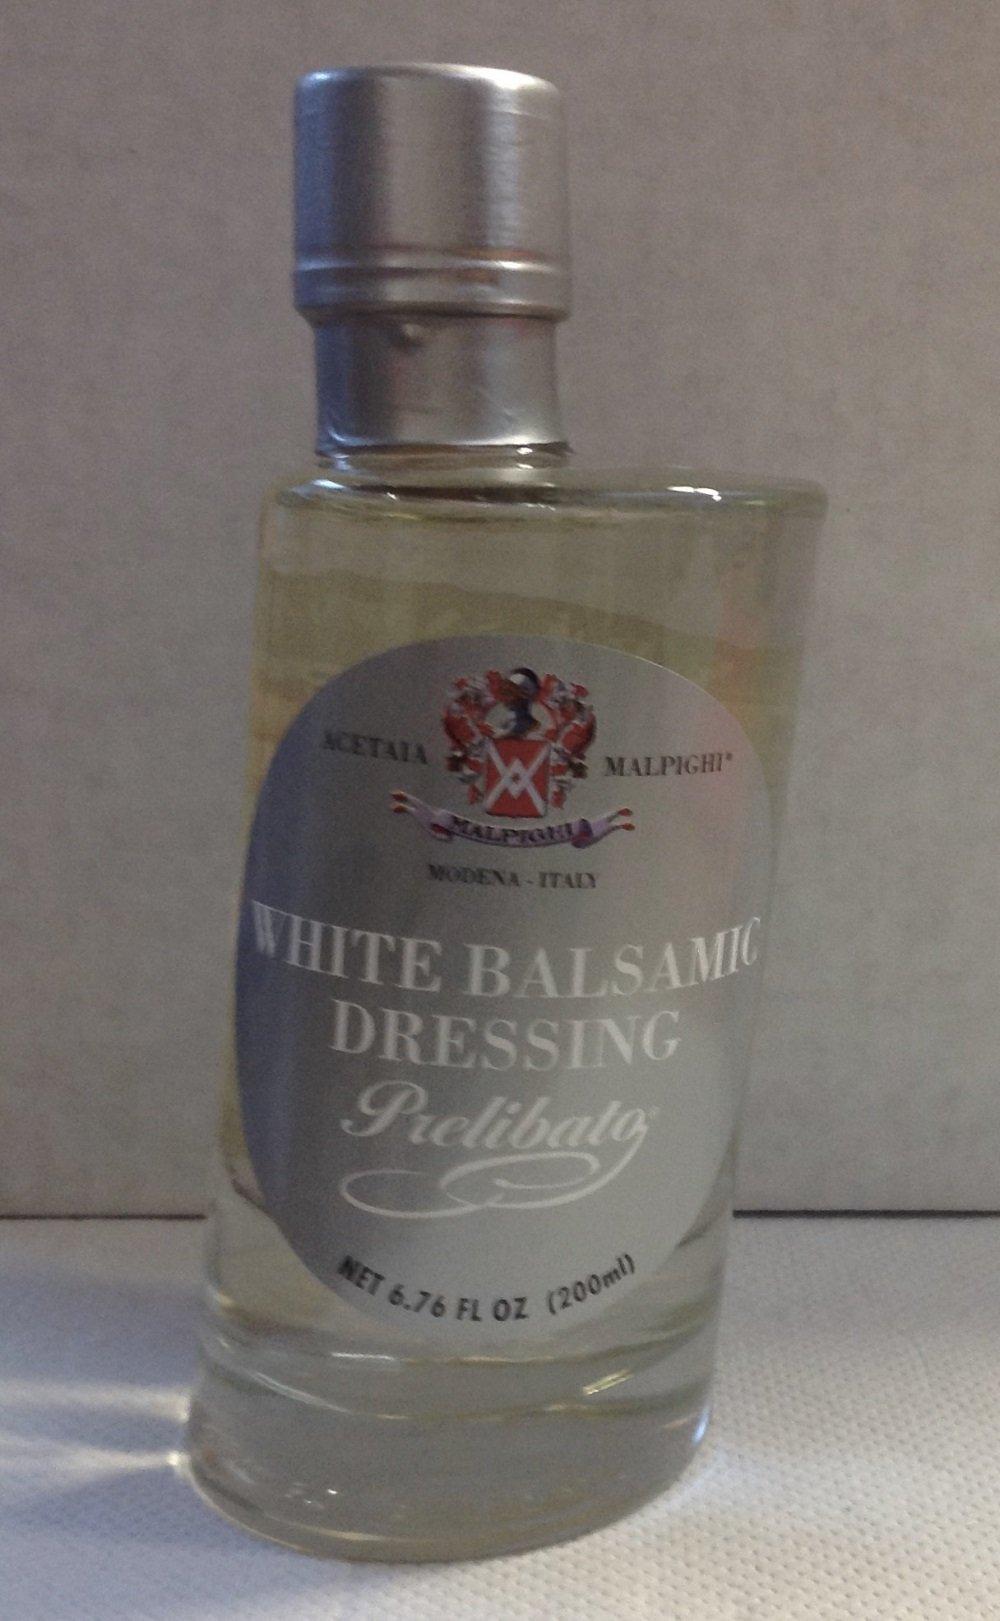 Prelibato - White Balsamic Condiment Aged 5-6,8 oz. (200 ml)